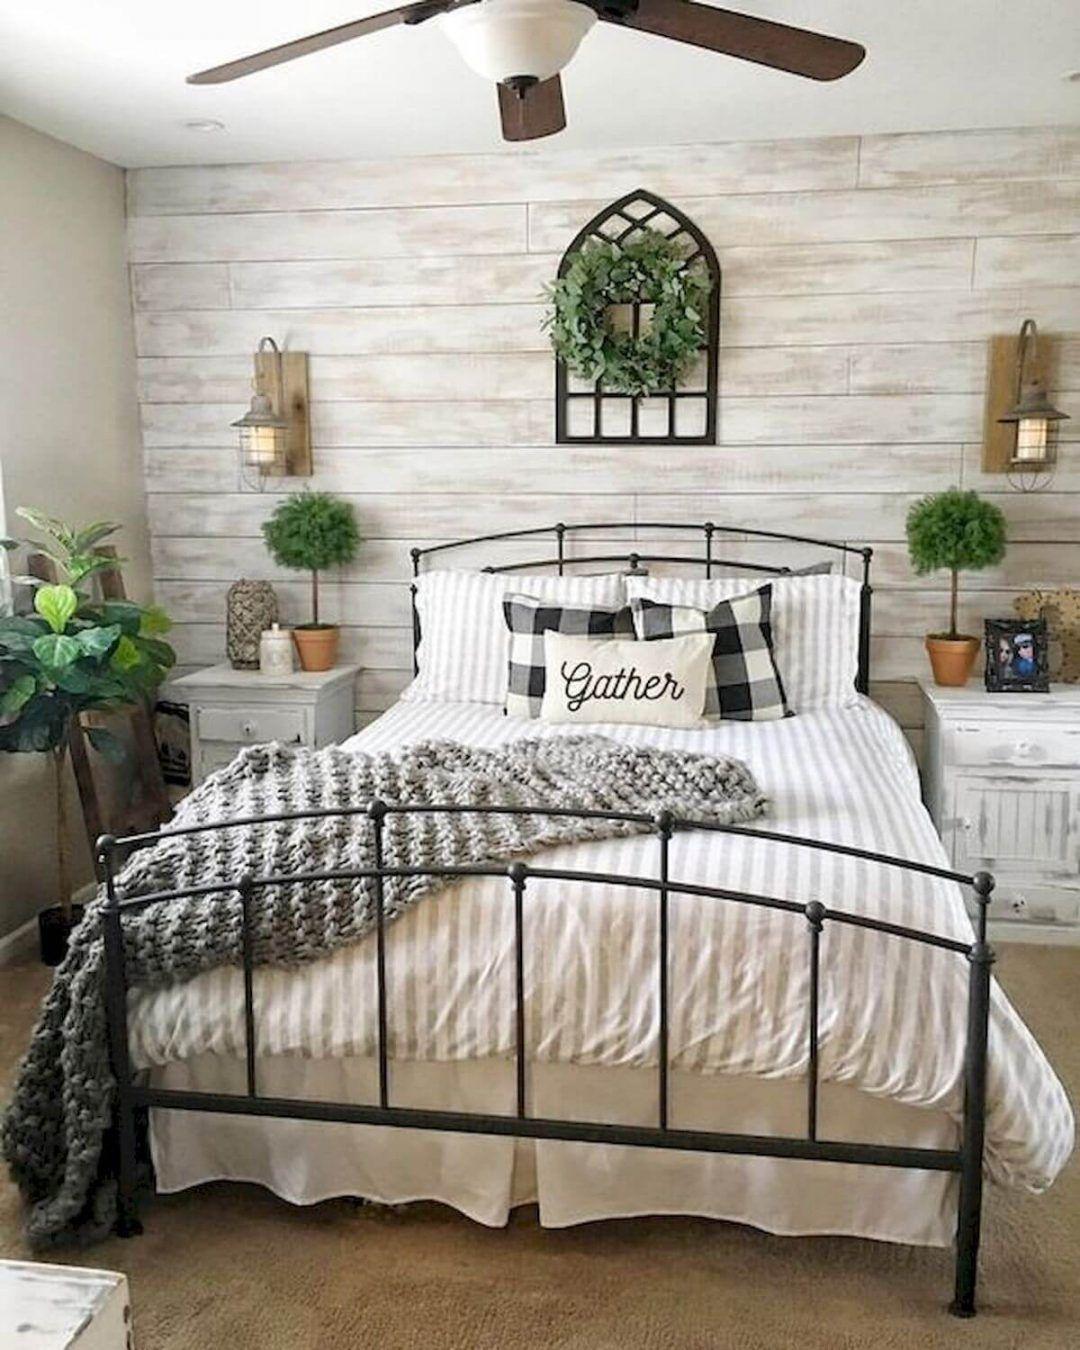 25 Inviting And Cozy Farmhouse Bedroom (The Visual Treats) - A21